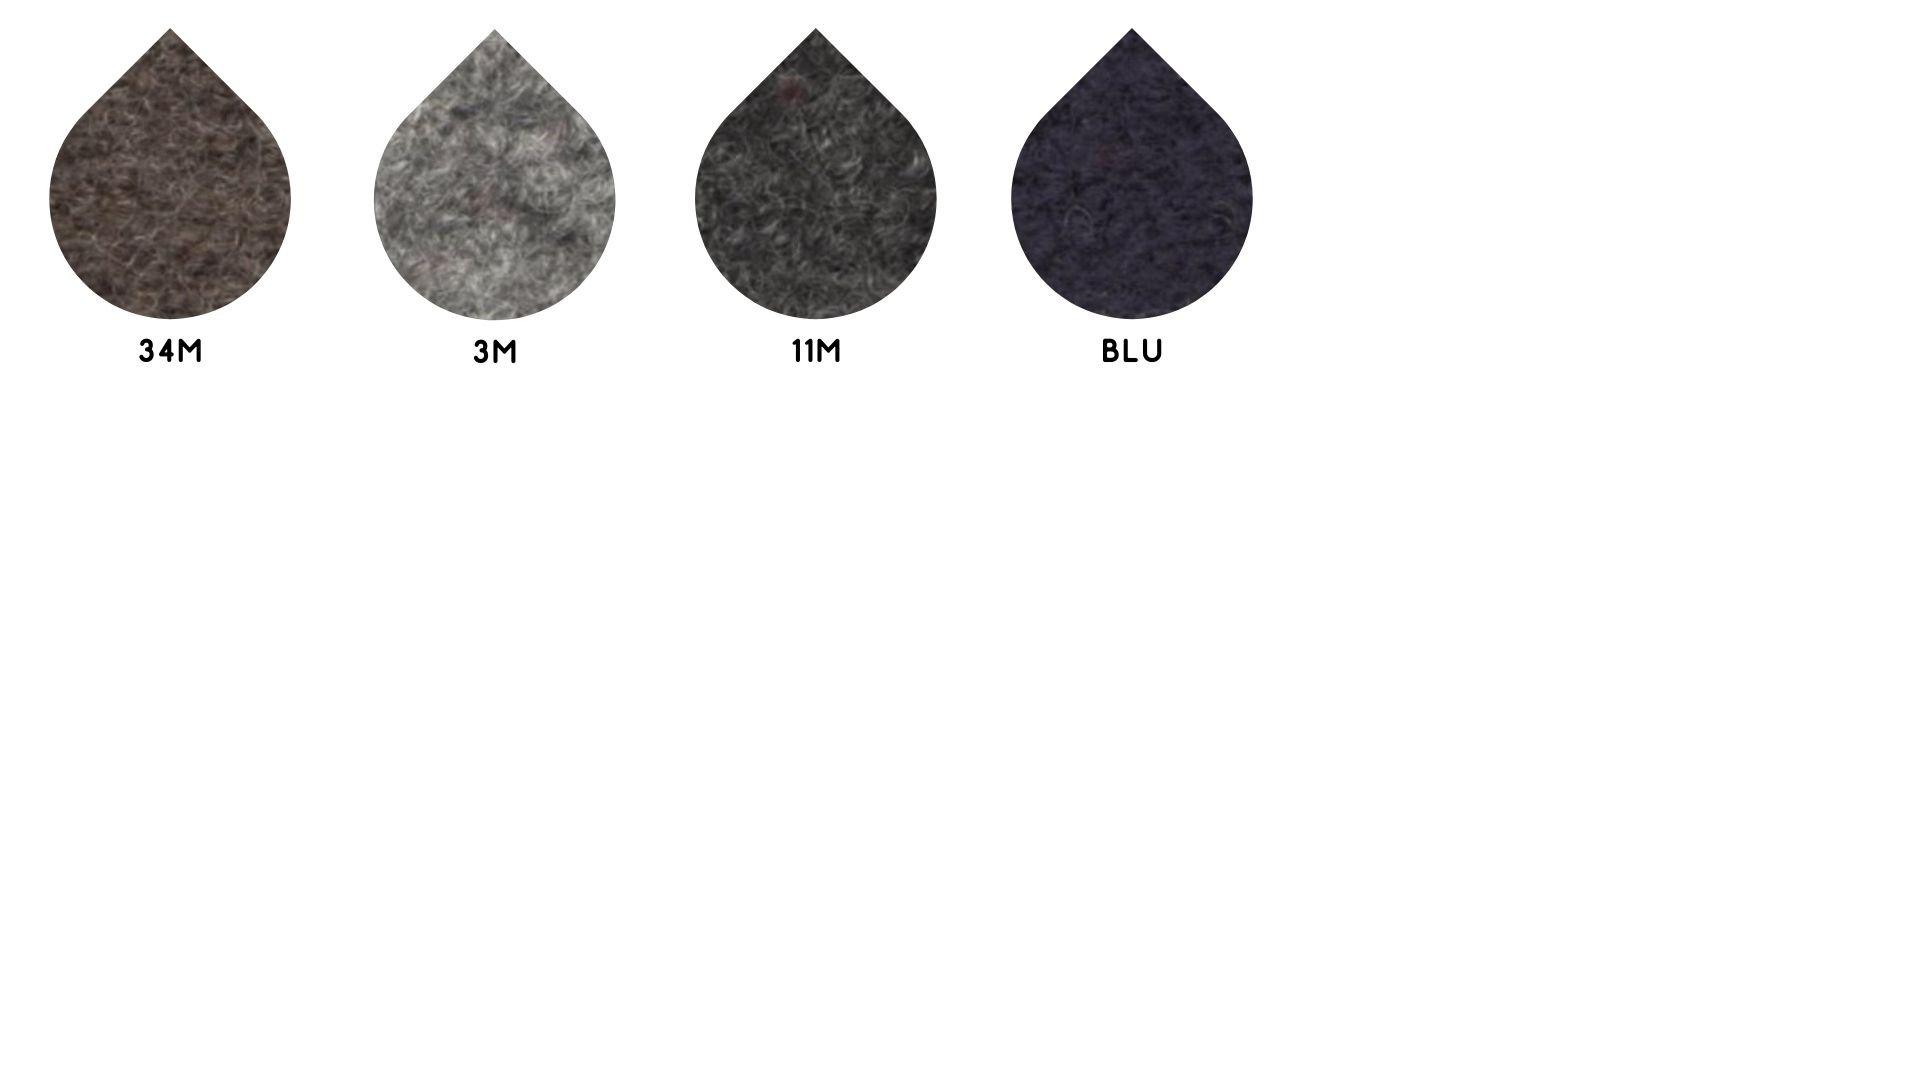 la cartella colore del tessuto superior lanacotta di Leadford & Logan